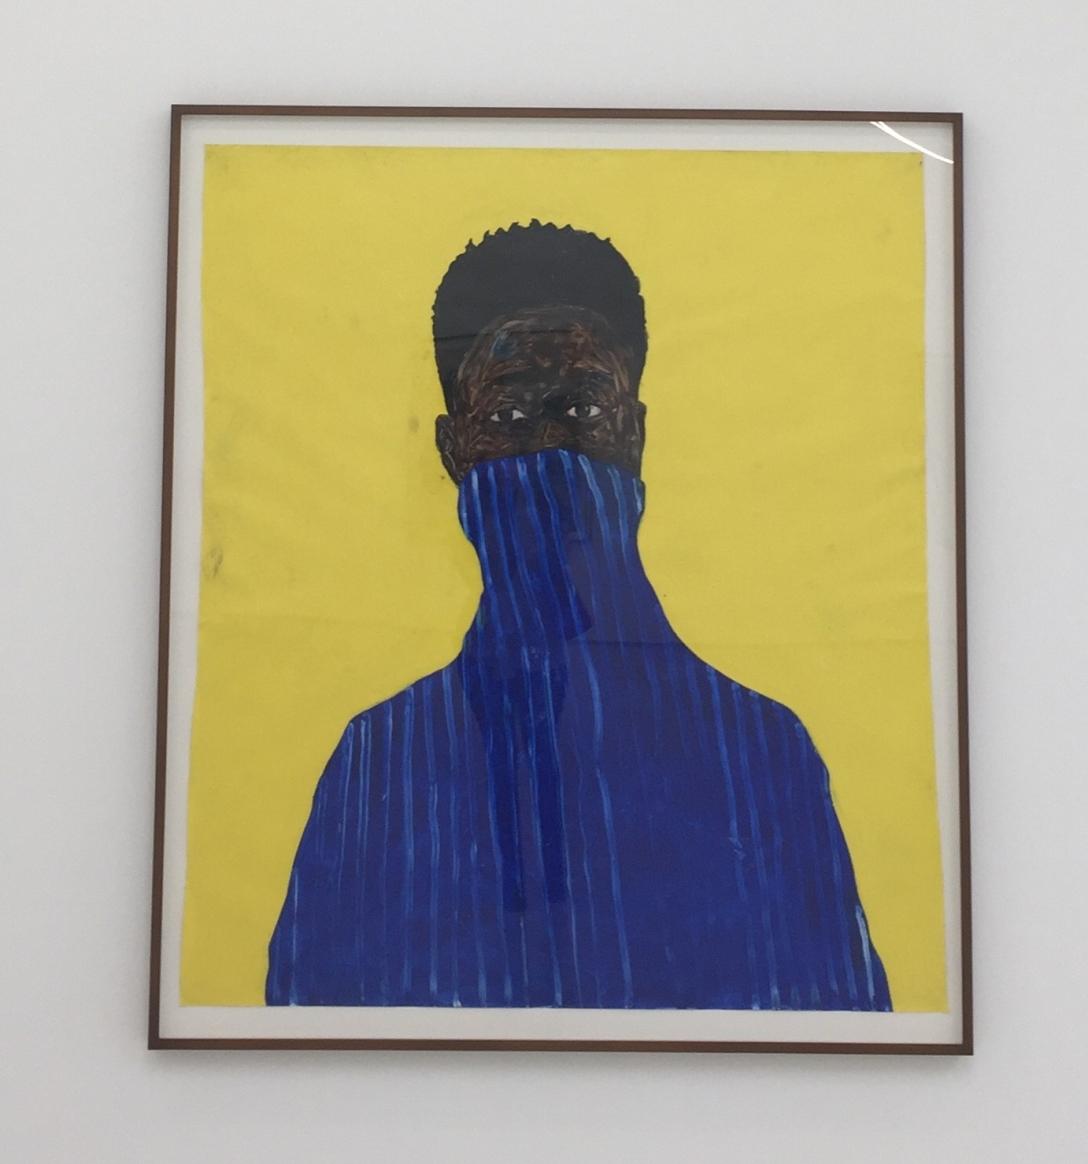 Amoako Boafo, Blue Pullover, 2018